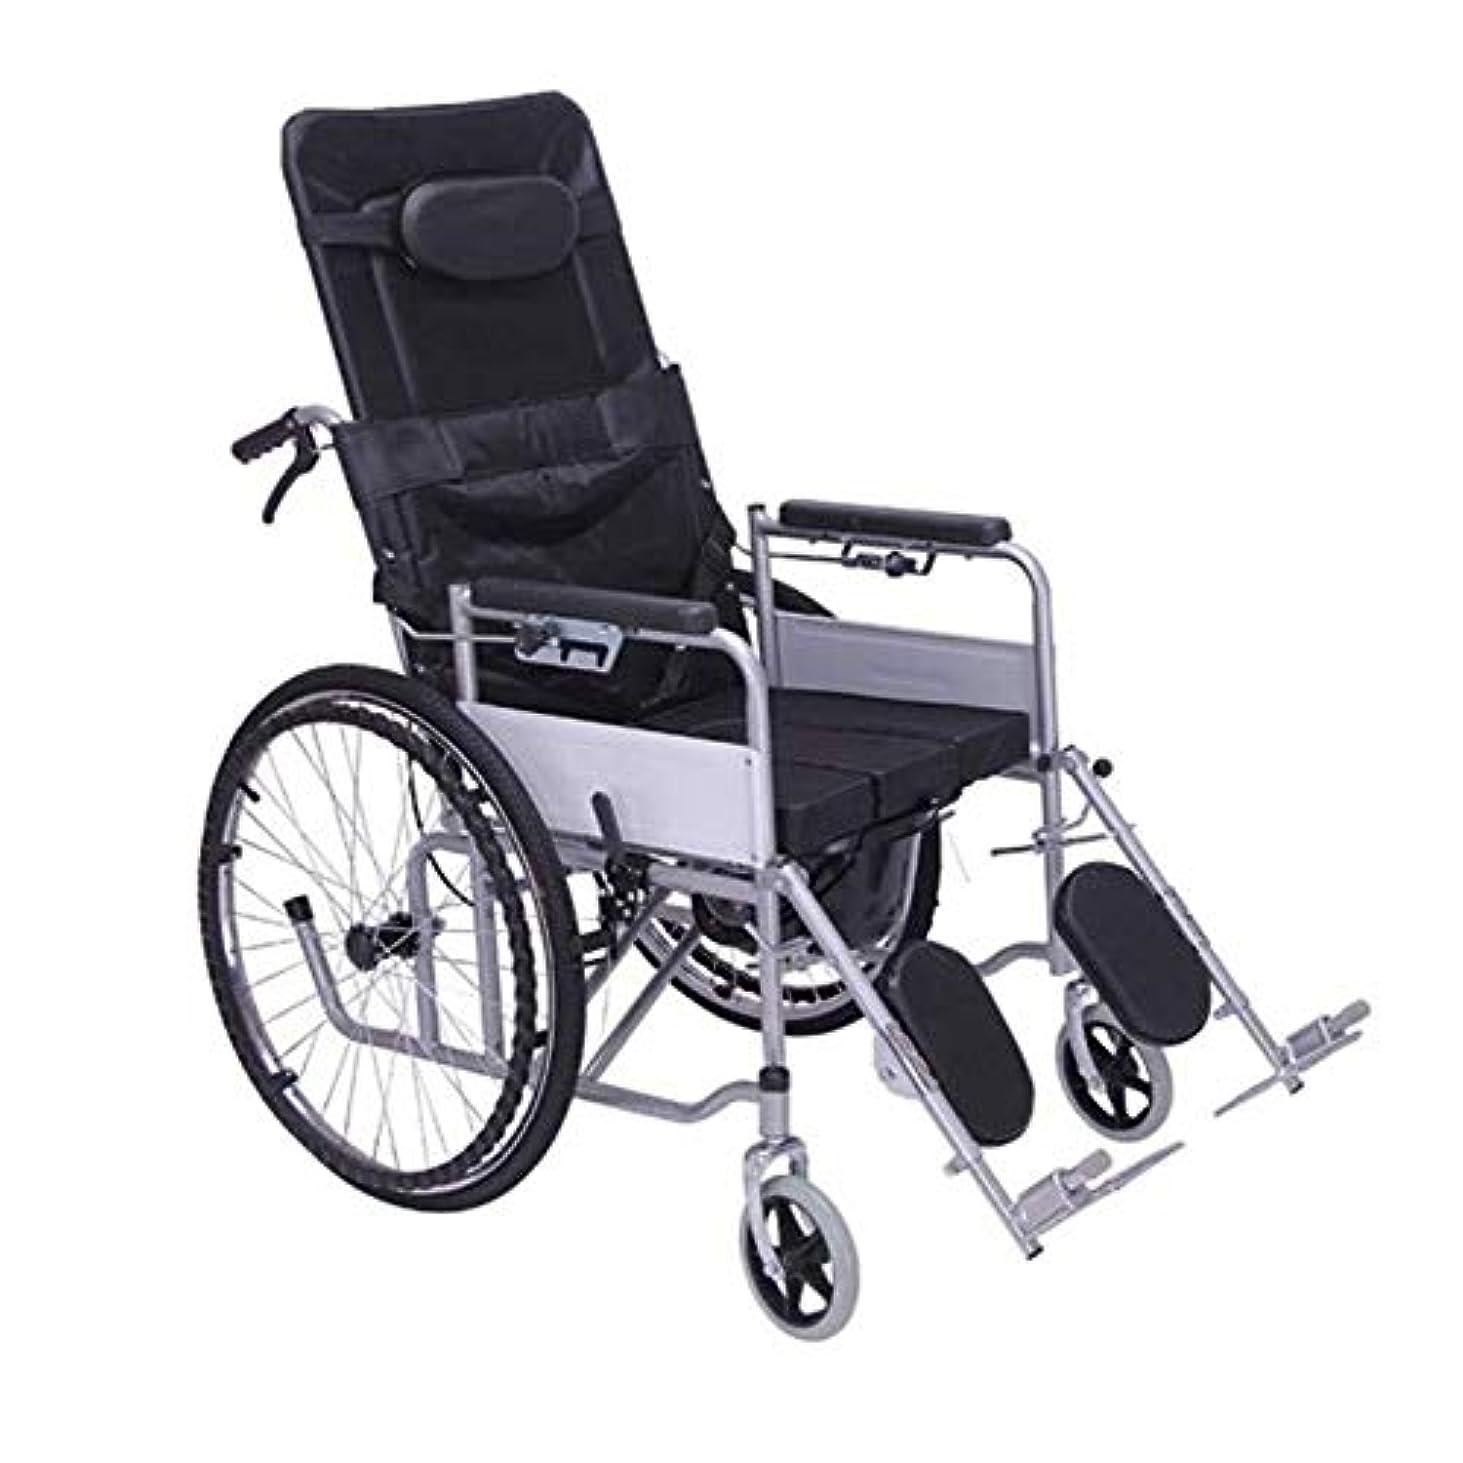 電話をかけるブームマット下肢障害/麻痺/転倒/骨折のための多機能軽量折りたたみ車椅子トイレのトロリーでセルフブレーキをかけている高齢の車椅子